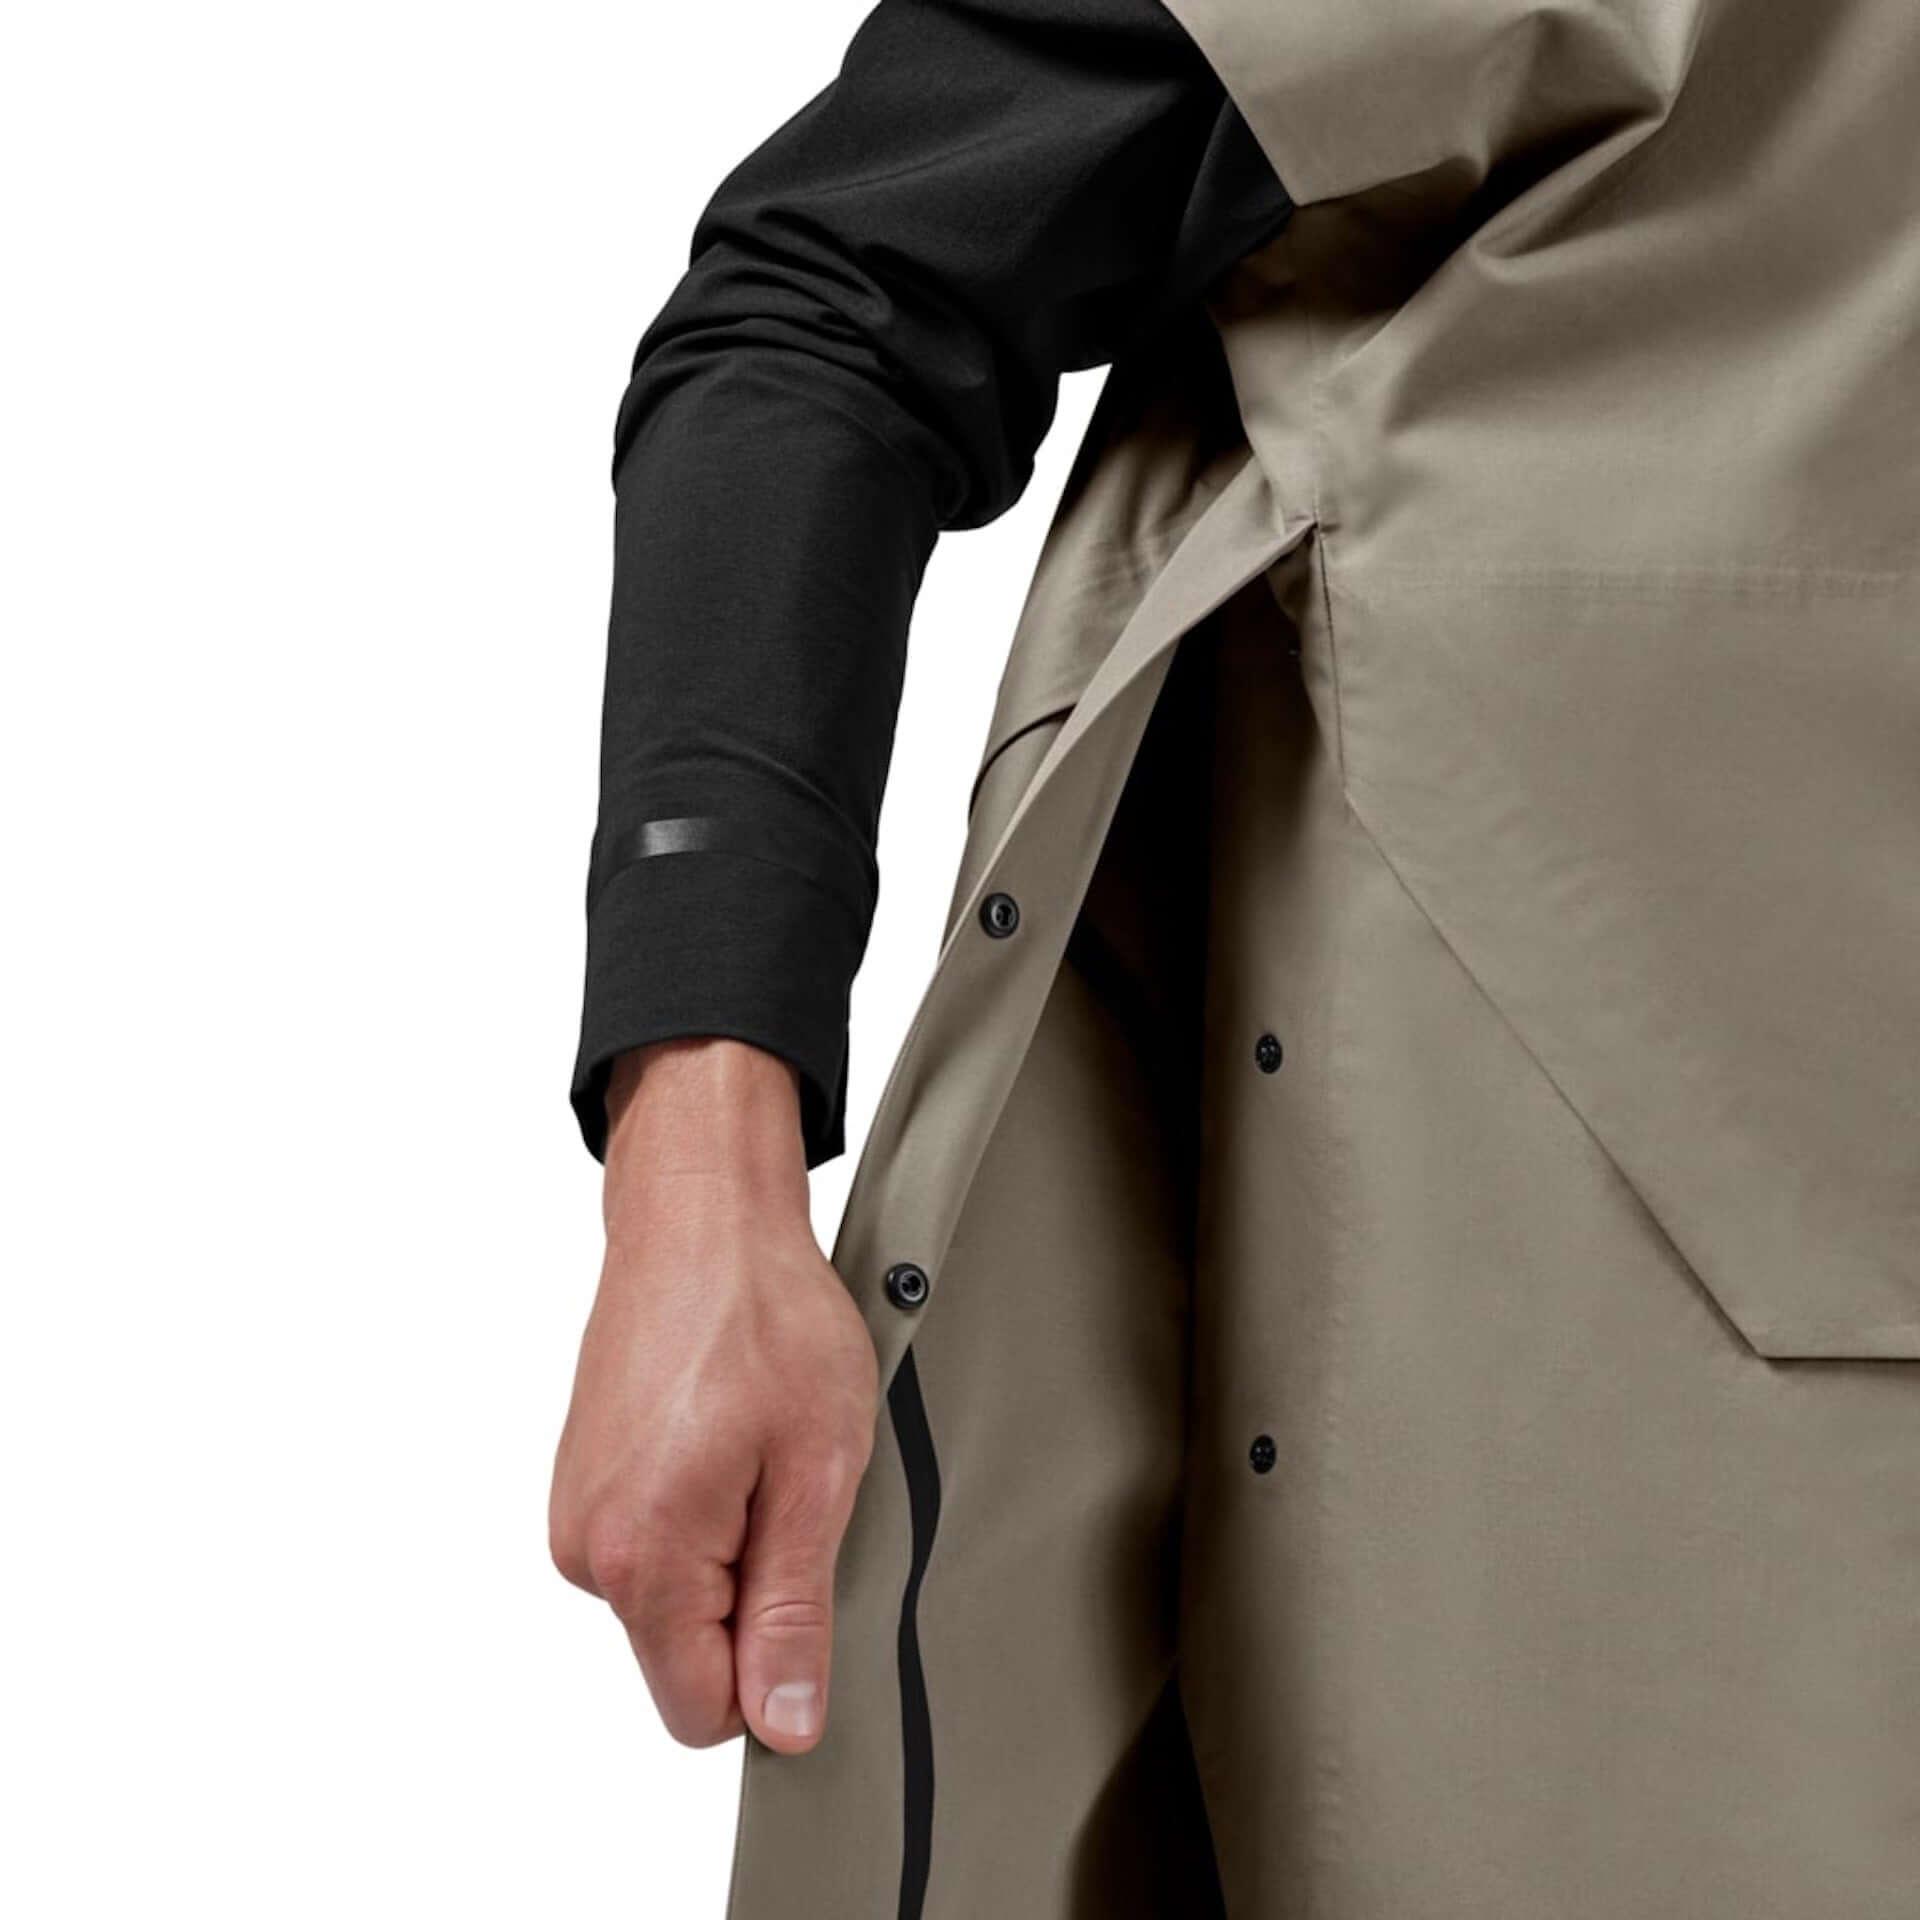 スイス発ブランド「On」が世界600着限定のハイエンドジャケットを発売!環境に配慮したオーガニックコットンを使用 lf201015_on-jacket_10-1920x1920